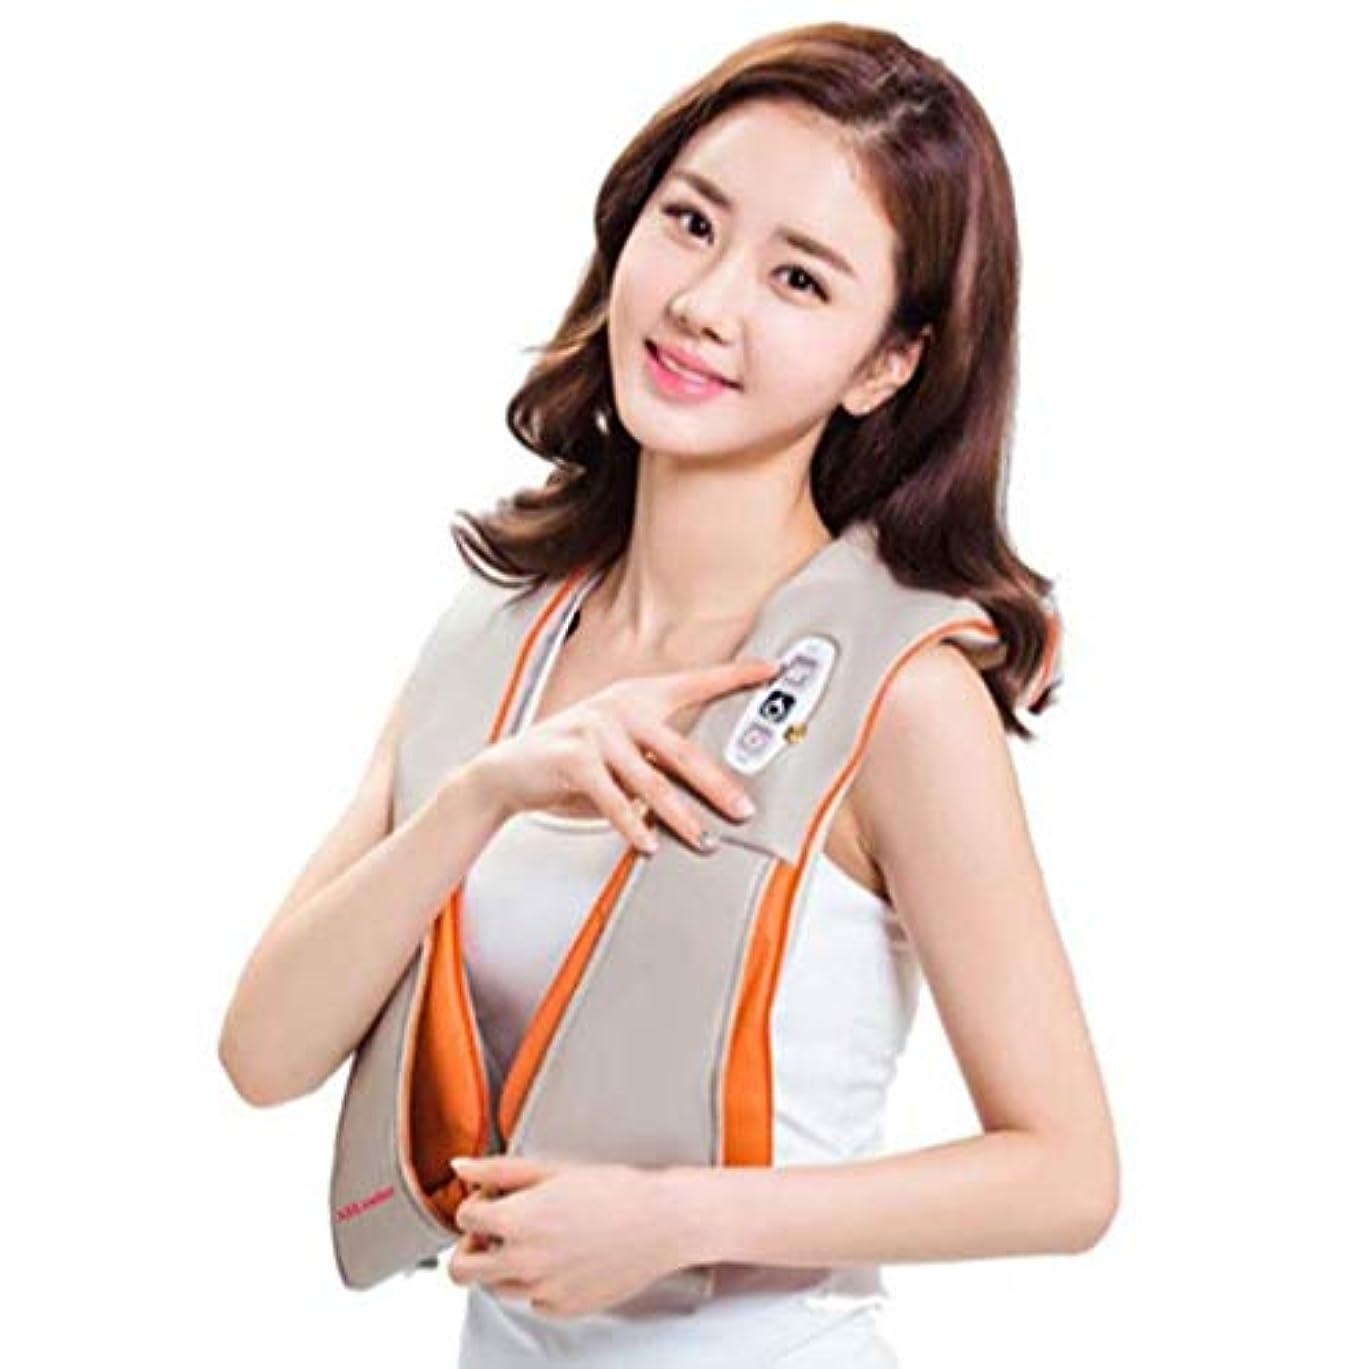 血色の良い正直打ち負かす首のマッサージャー、調節可能な強さのための熱および深いティッシュの混練のマッサージの指圧の肩のマッサージャー、事務車で使用することができます